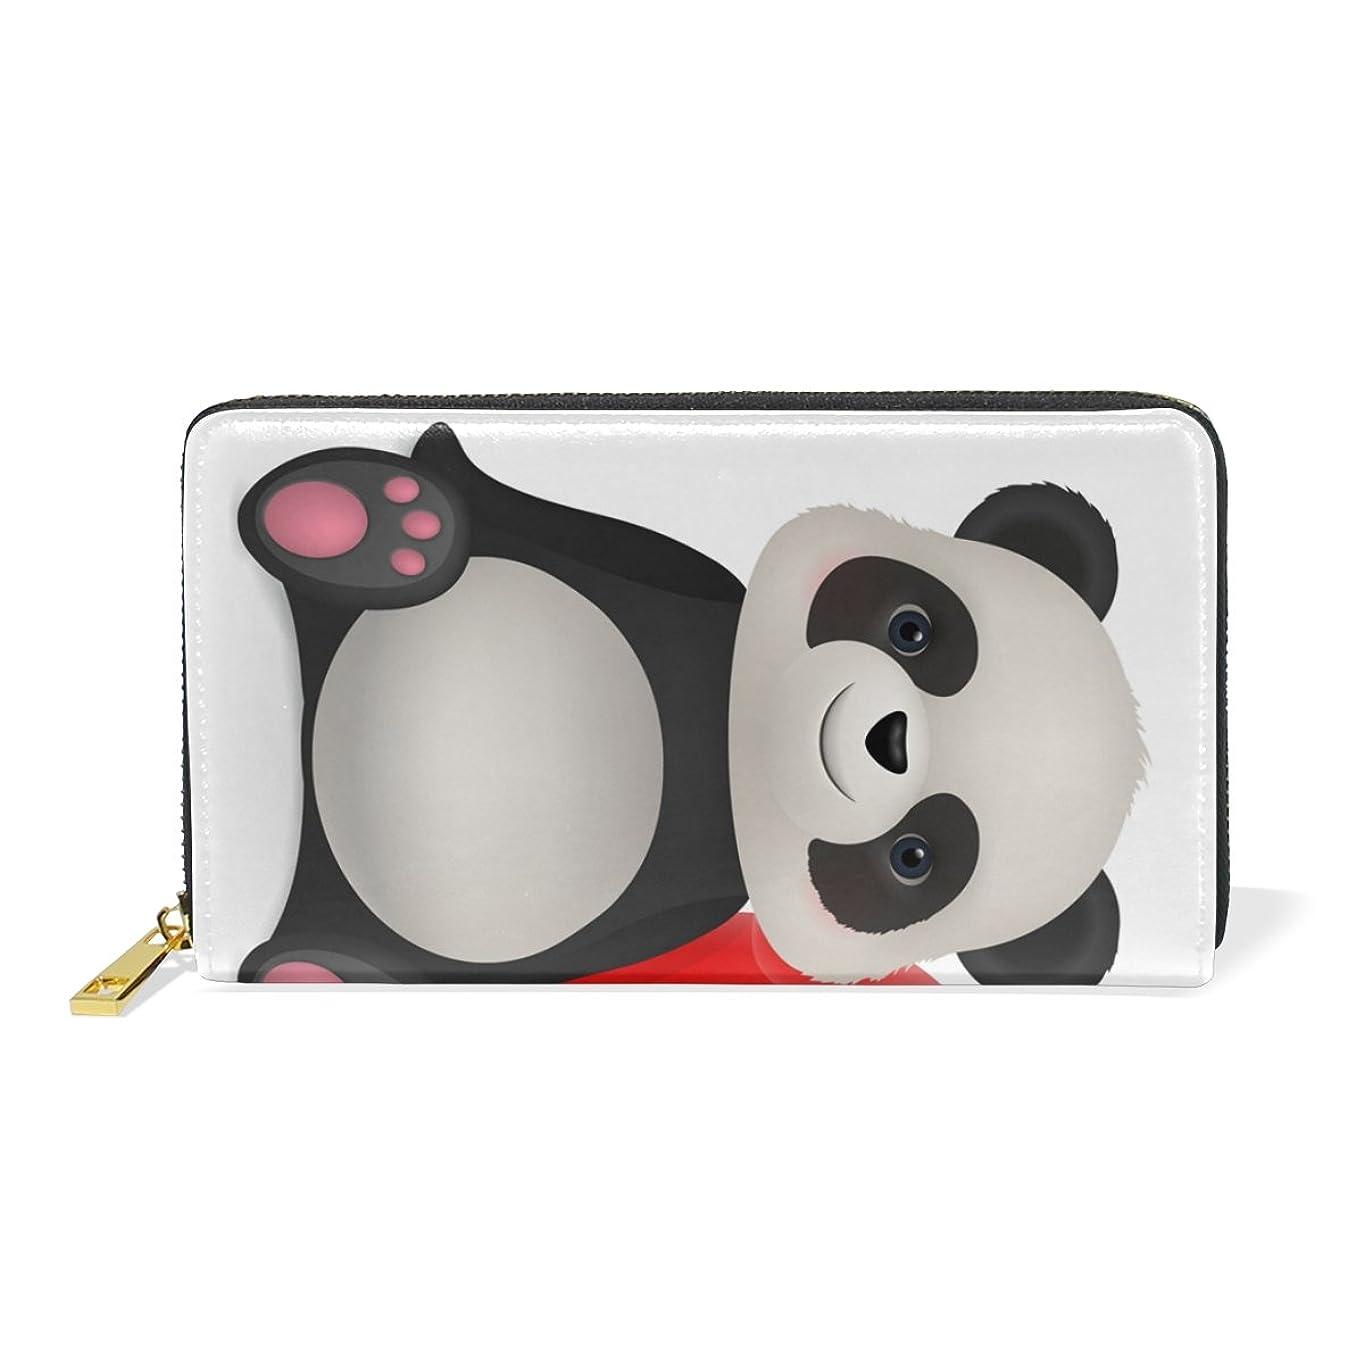 物理的な添加剤兵士AyuStyle 長財布 PU レザー panda パンダ 萌え萌え 可愛い ラウンド ファスナー 小銭入れあり お札入れ カード入れ 二つ折り 大容量 プレゼント レディース ギフト